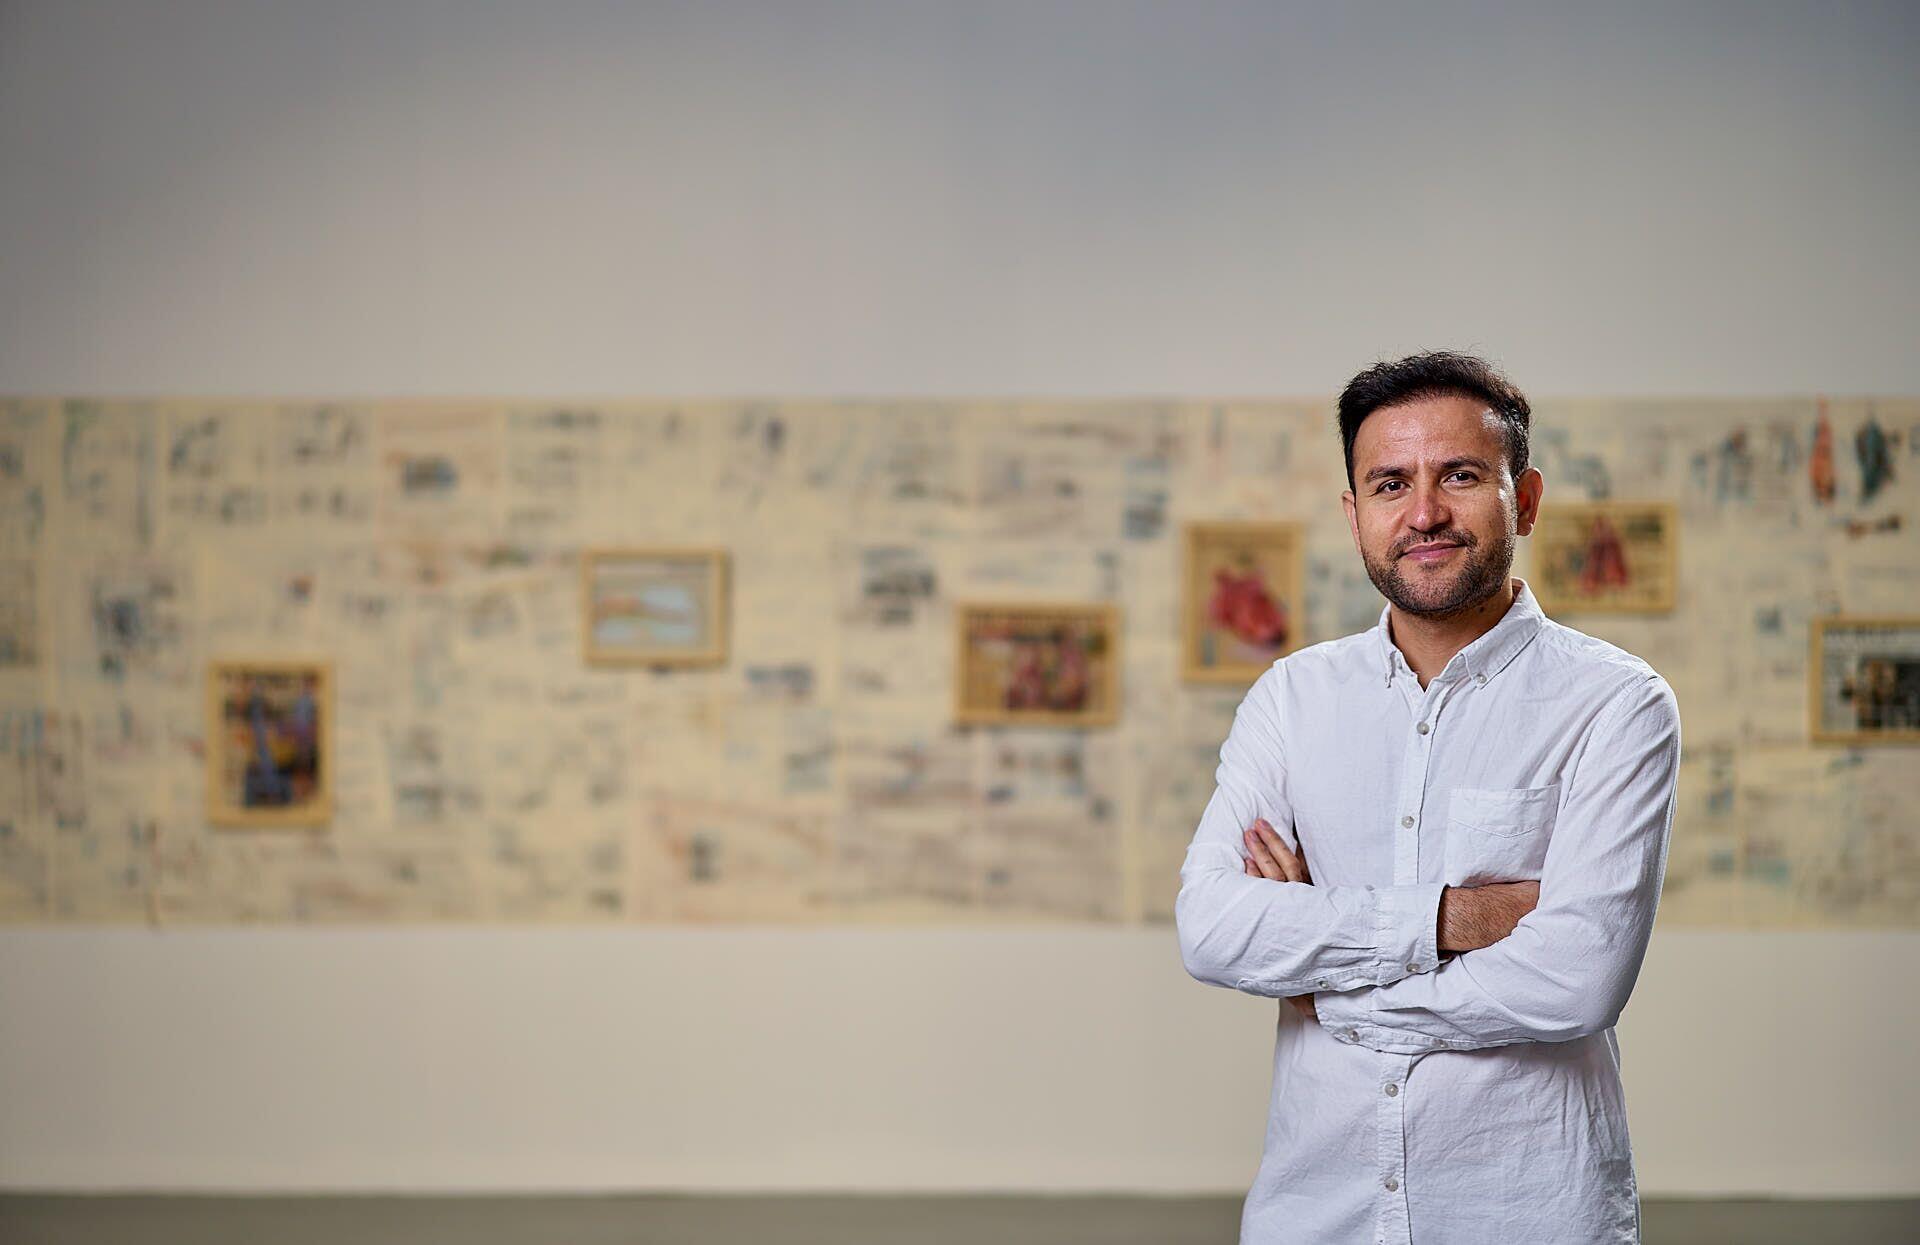 """نمایشگاه آثار الیاس علوی با عنوان """"گرگ خیالباف"""" در شهر آدلاید استرالیا  عکاس: Sam Roberts"""